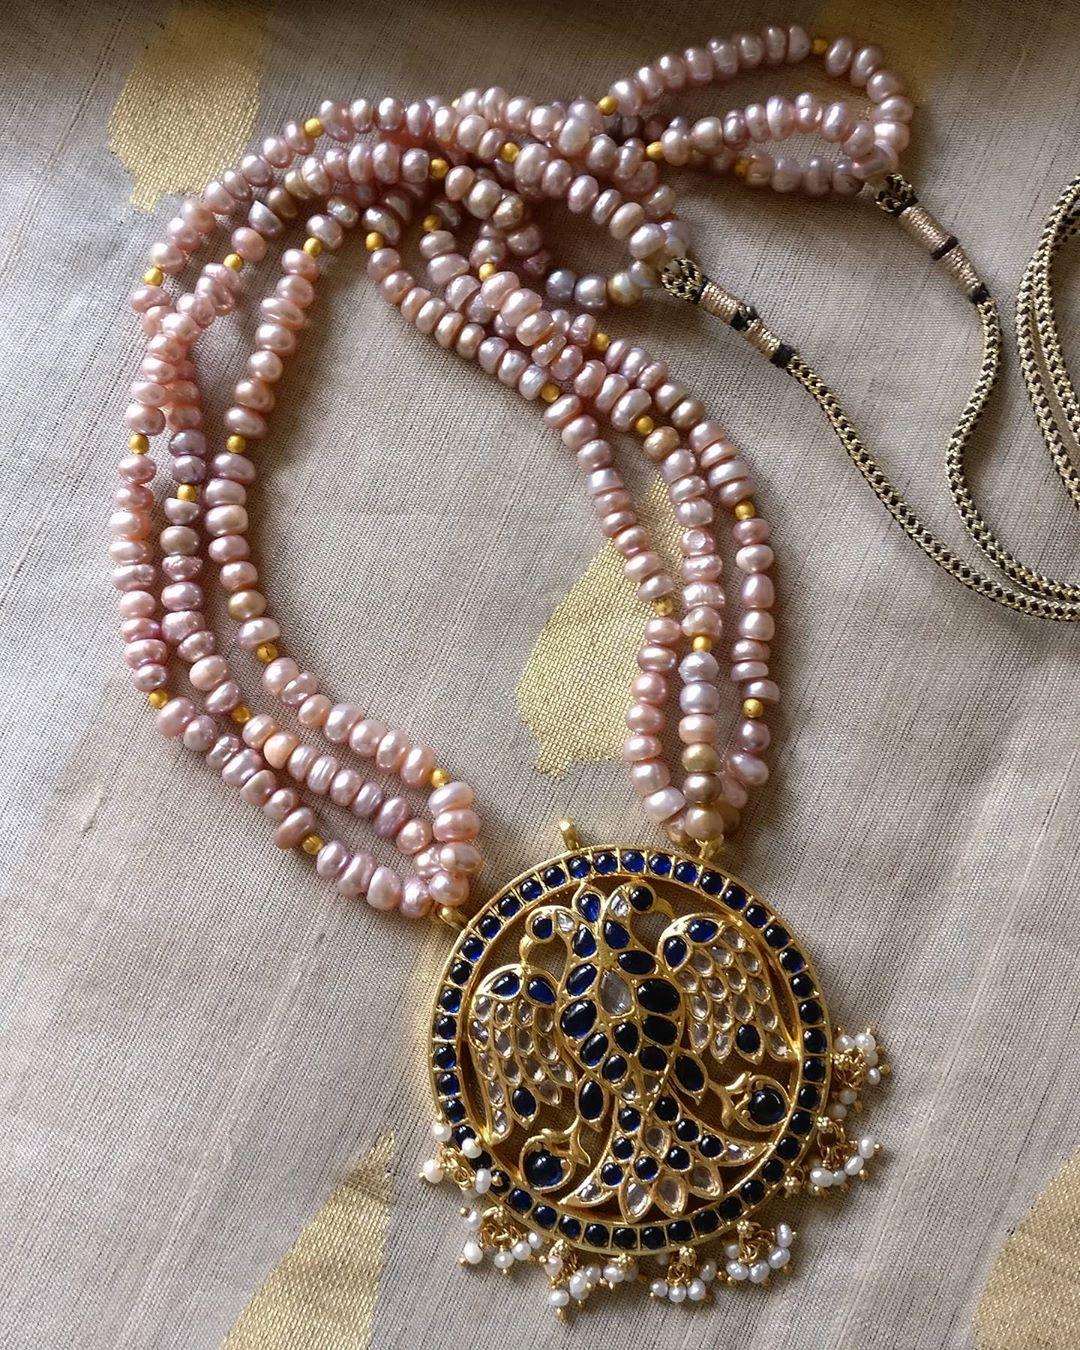 pearl-necklace-with-kemp-stone-gandaberunda-pendant